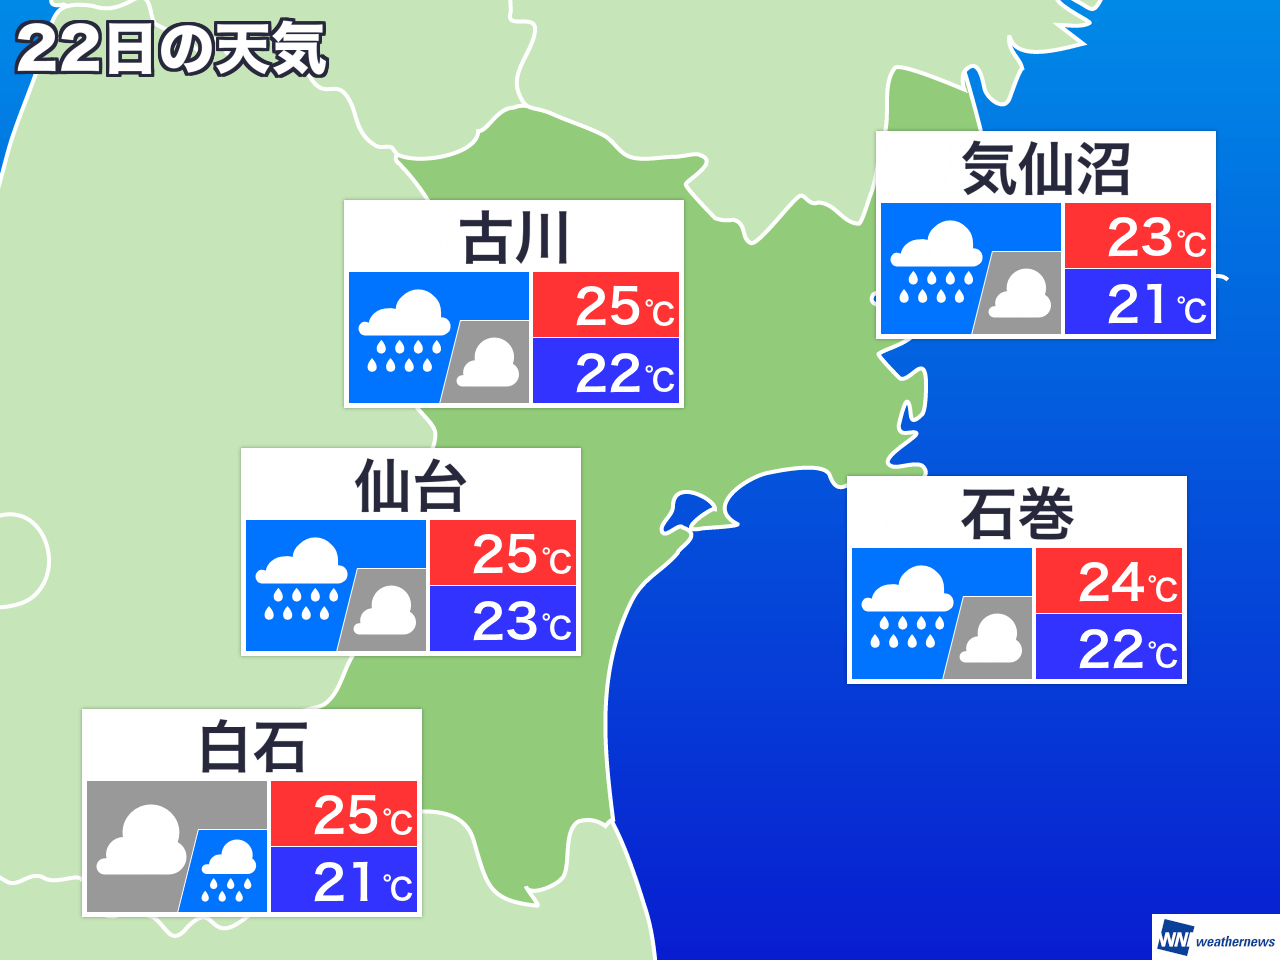 の 宮城 県 天気 今日